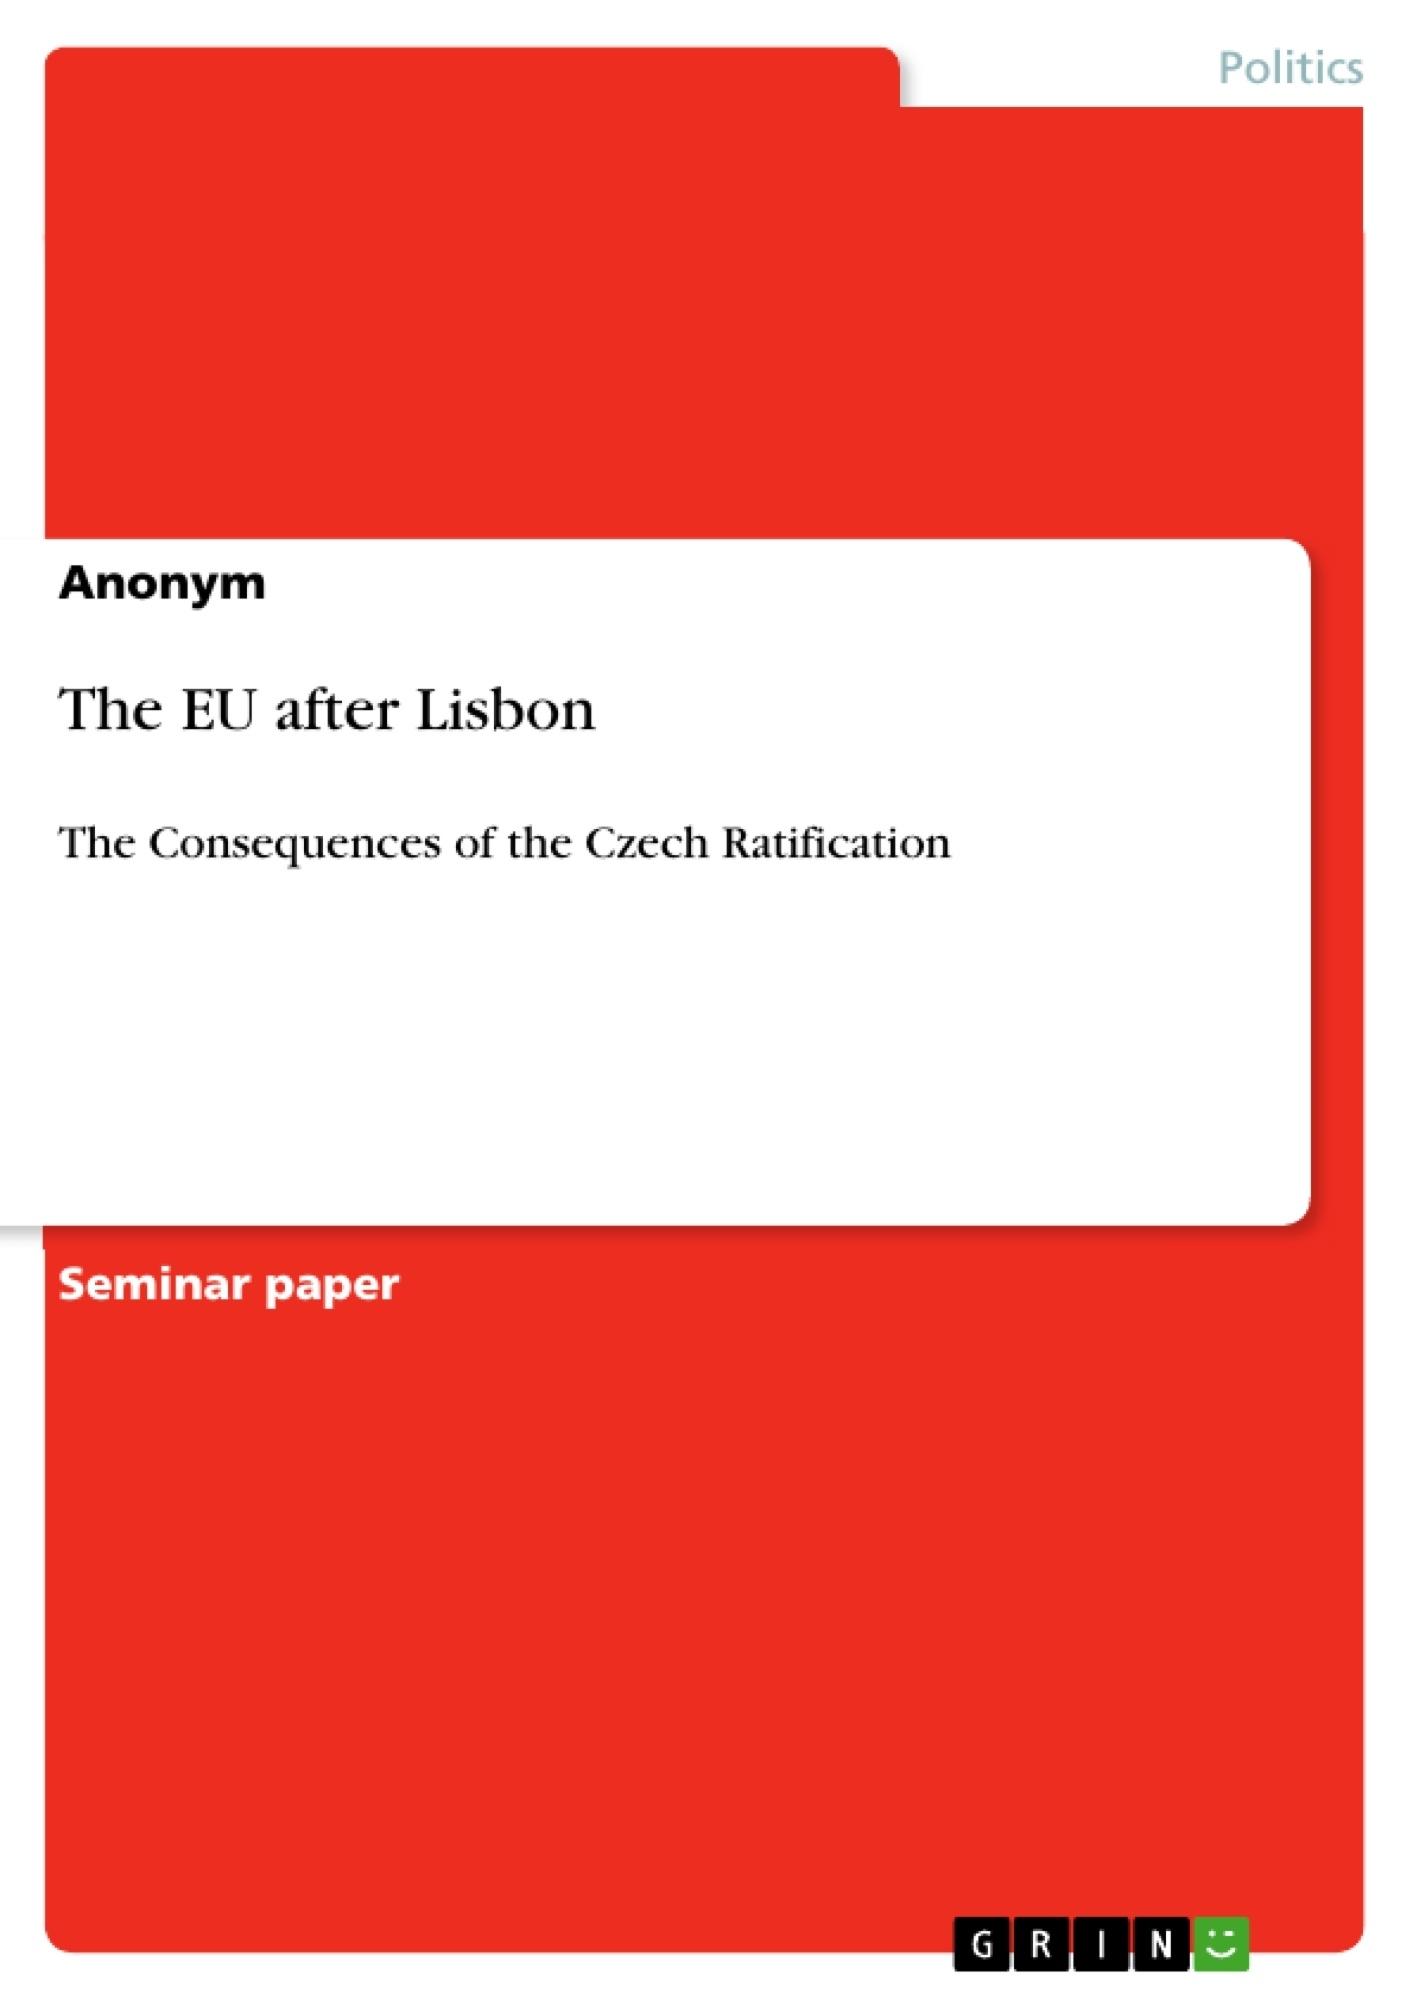 Title: The EU after Lisbon